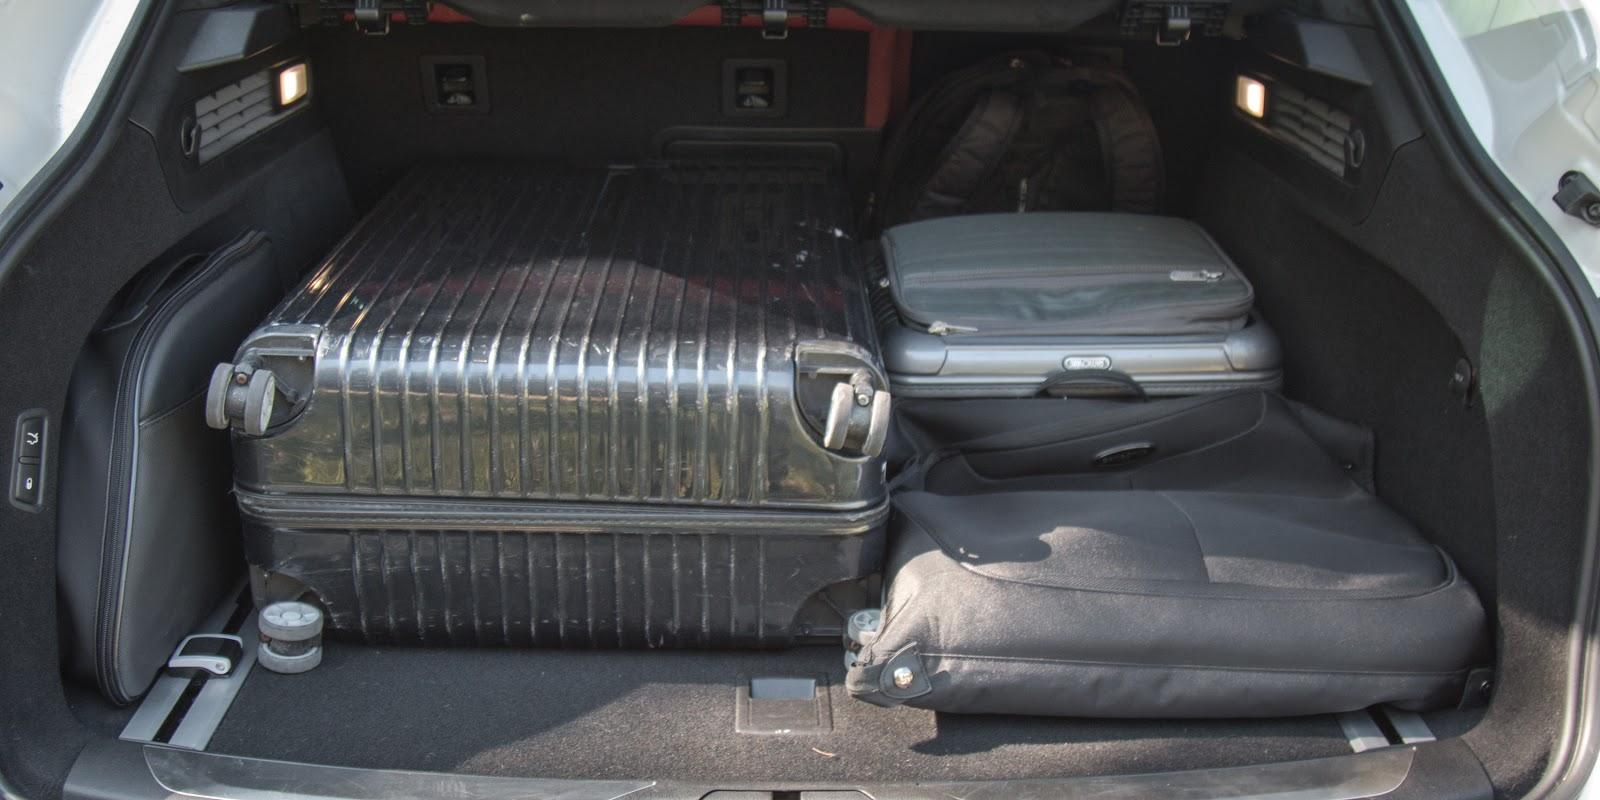 Khoang hành lý của Maserati Levante 2017 rộng bao la, bát ngát